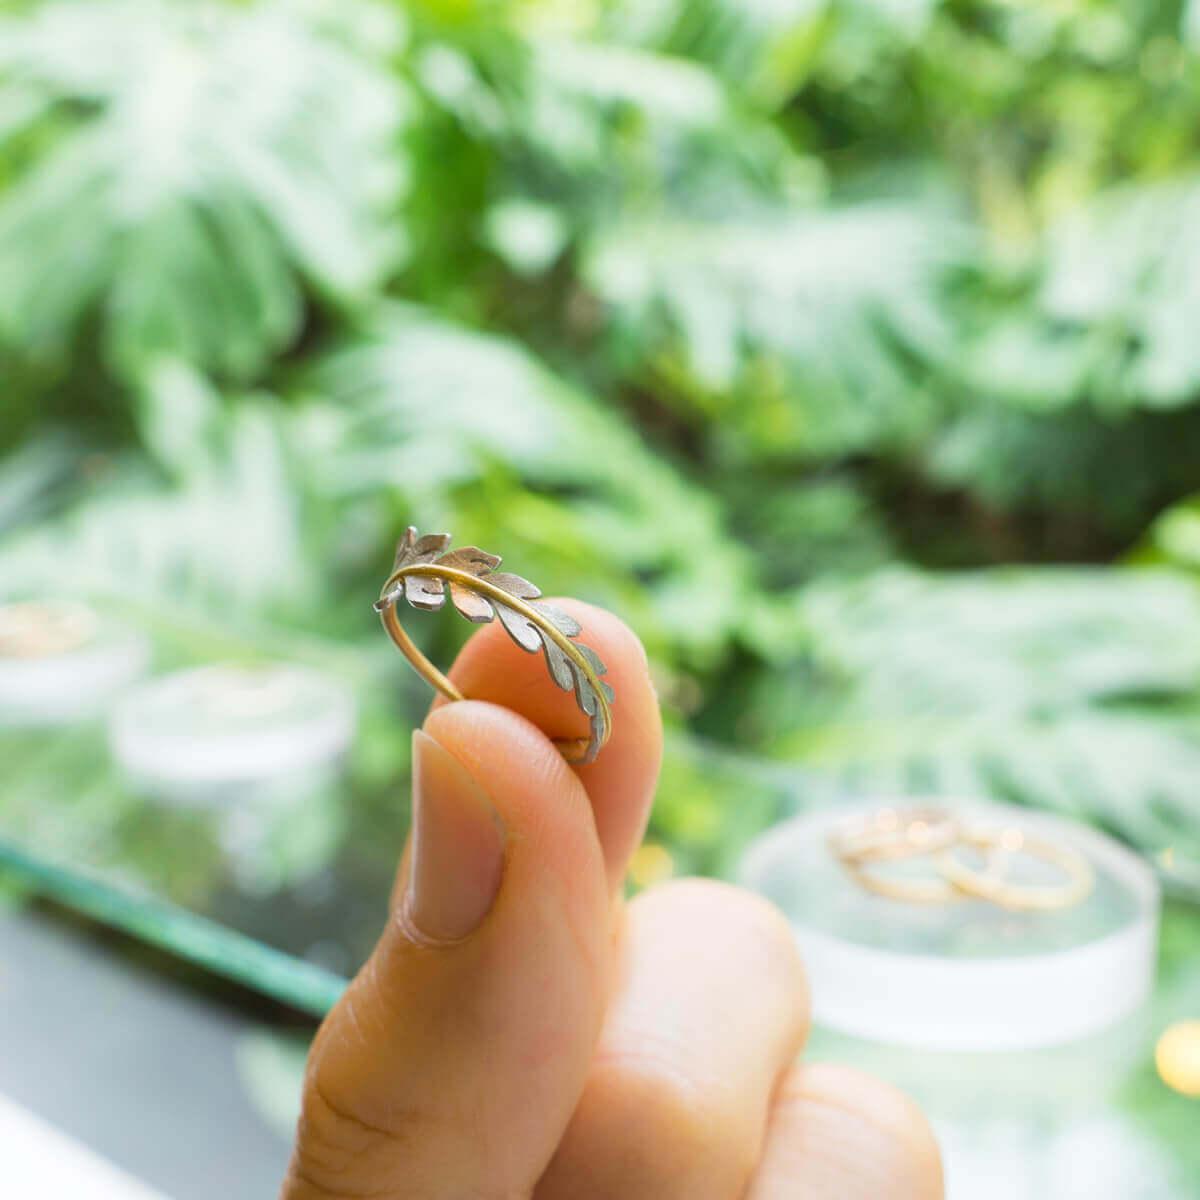 屋久島しずくギャラリーのディスプレイ 屋久島の緑バック シダの指輪手に取って プラチナ、ゴールド 屋久島でつくる結婚指輪